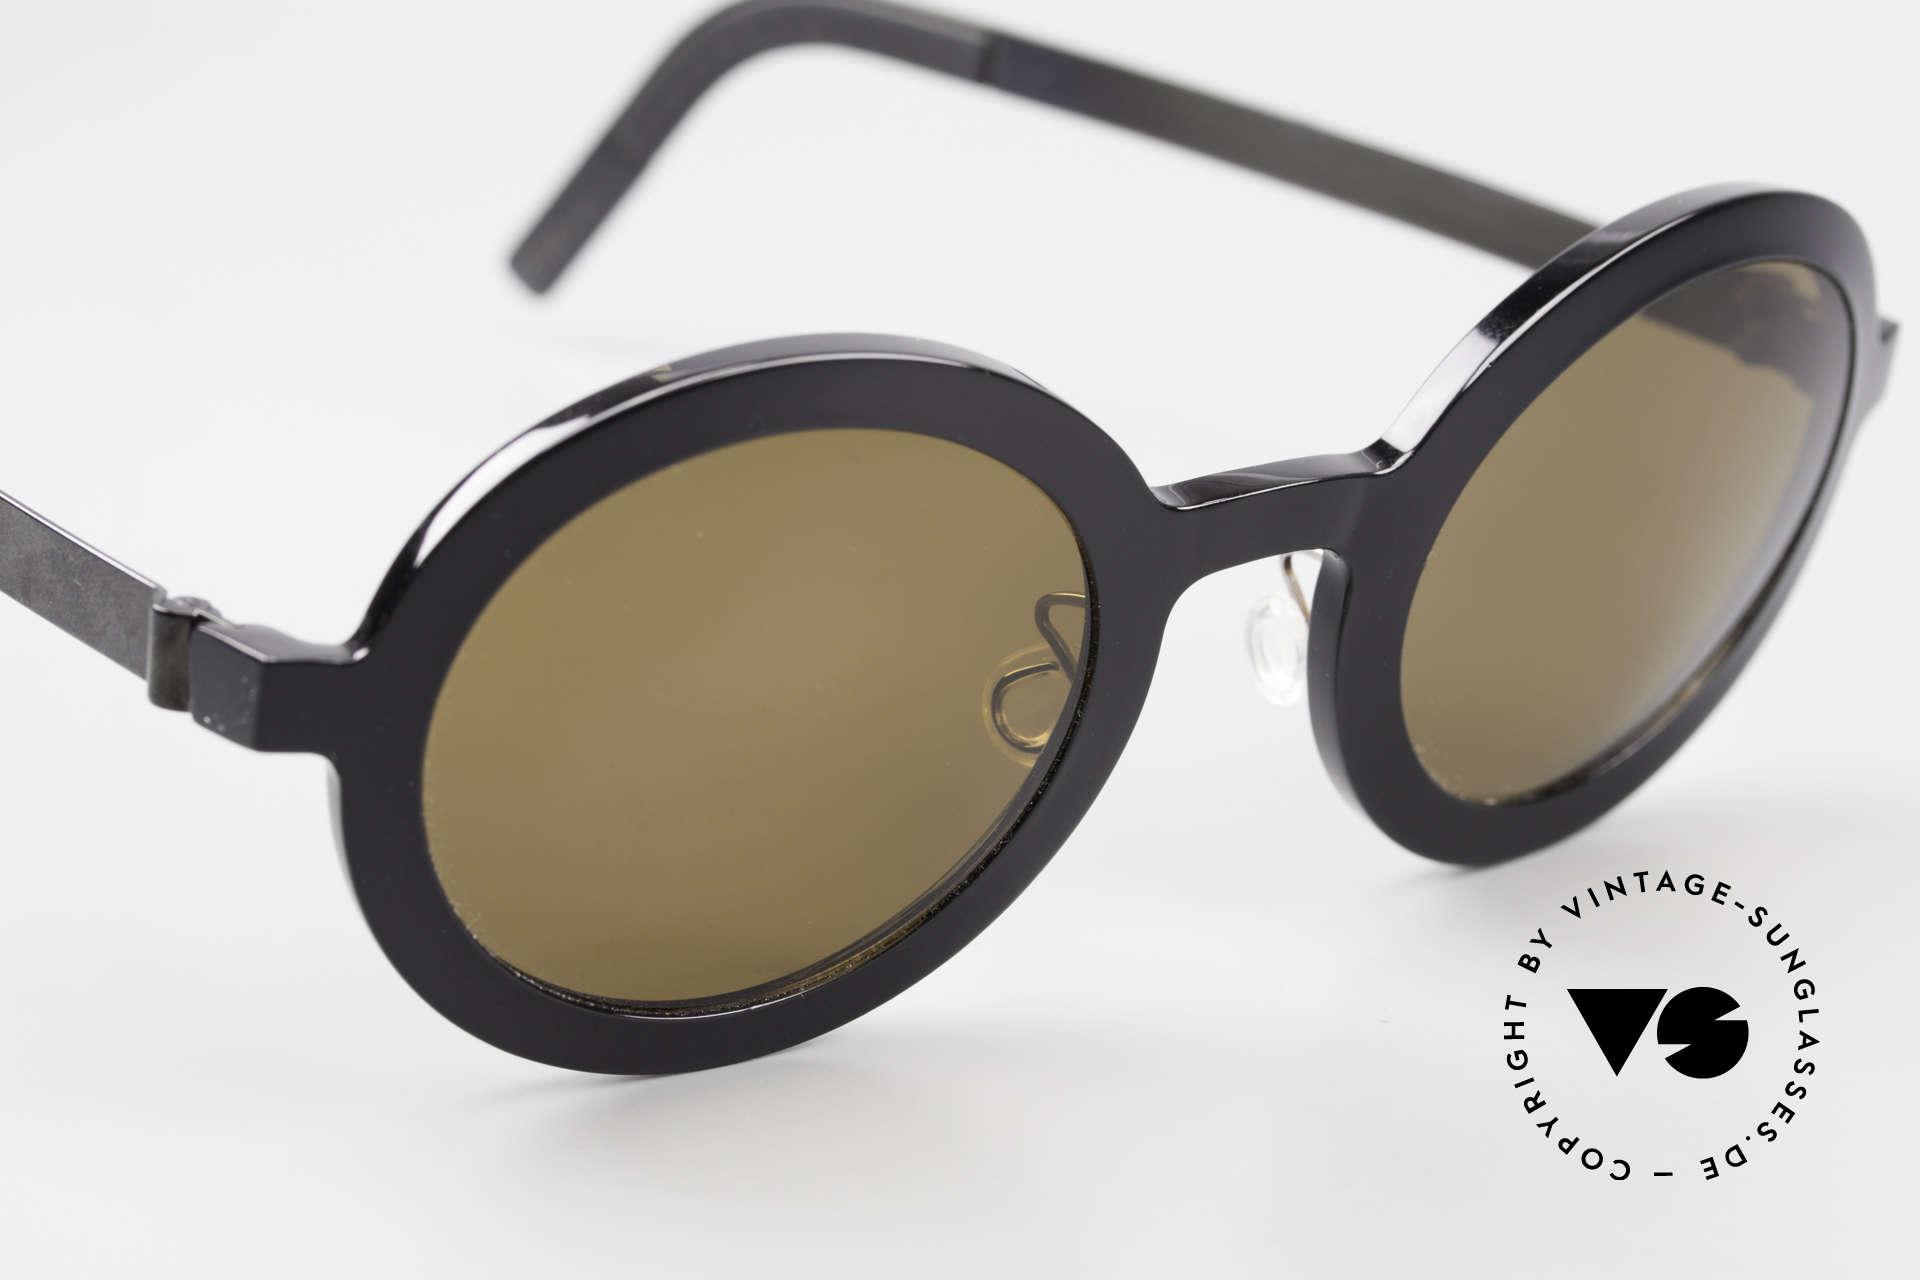 Lindberg 8570 Acetanium Runde Sonnenbrille Unisex Oval, ungetragenes Designerstück mit original Lindberg Etui, Passend für Herren und Damen